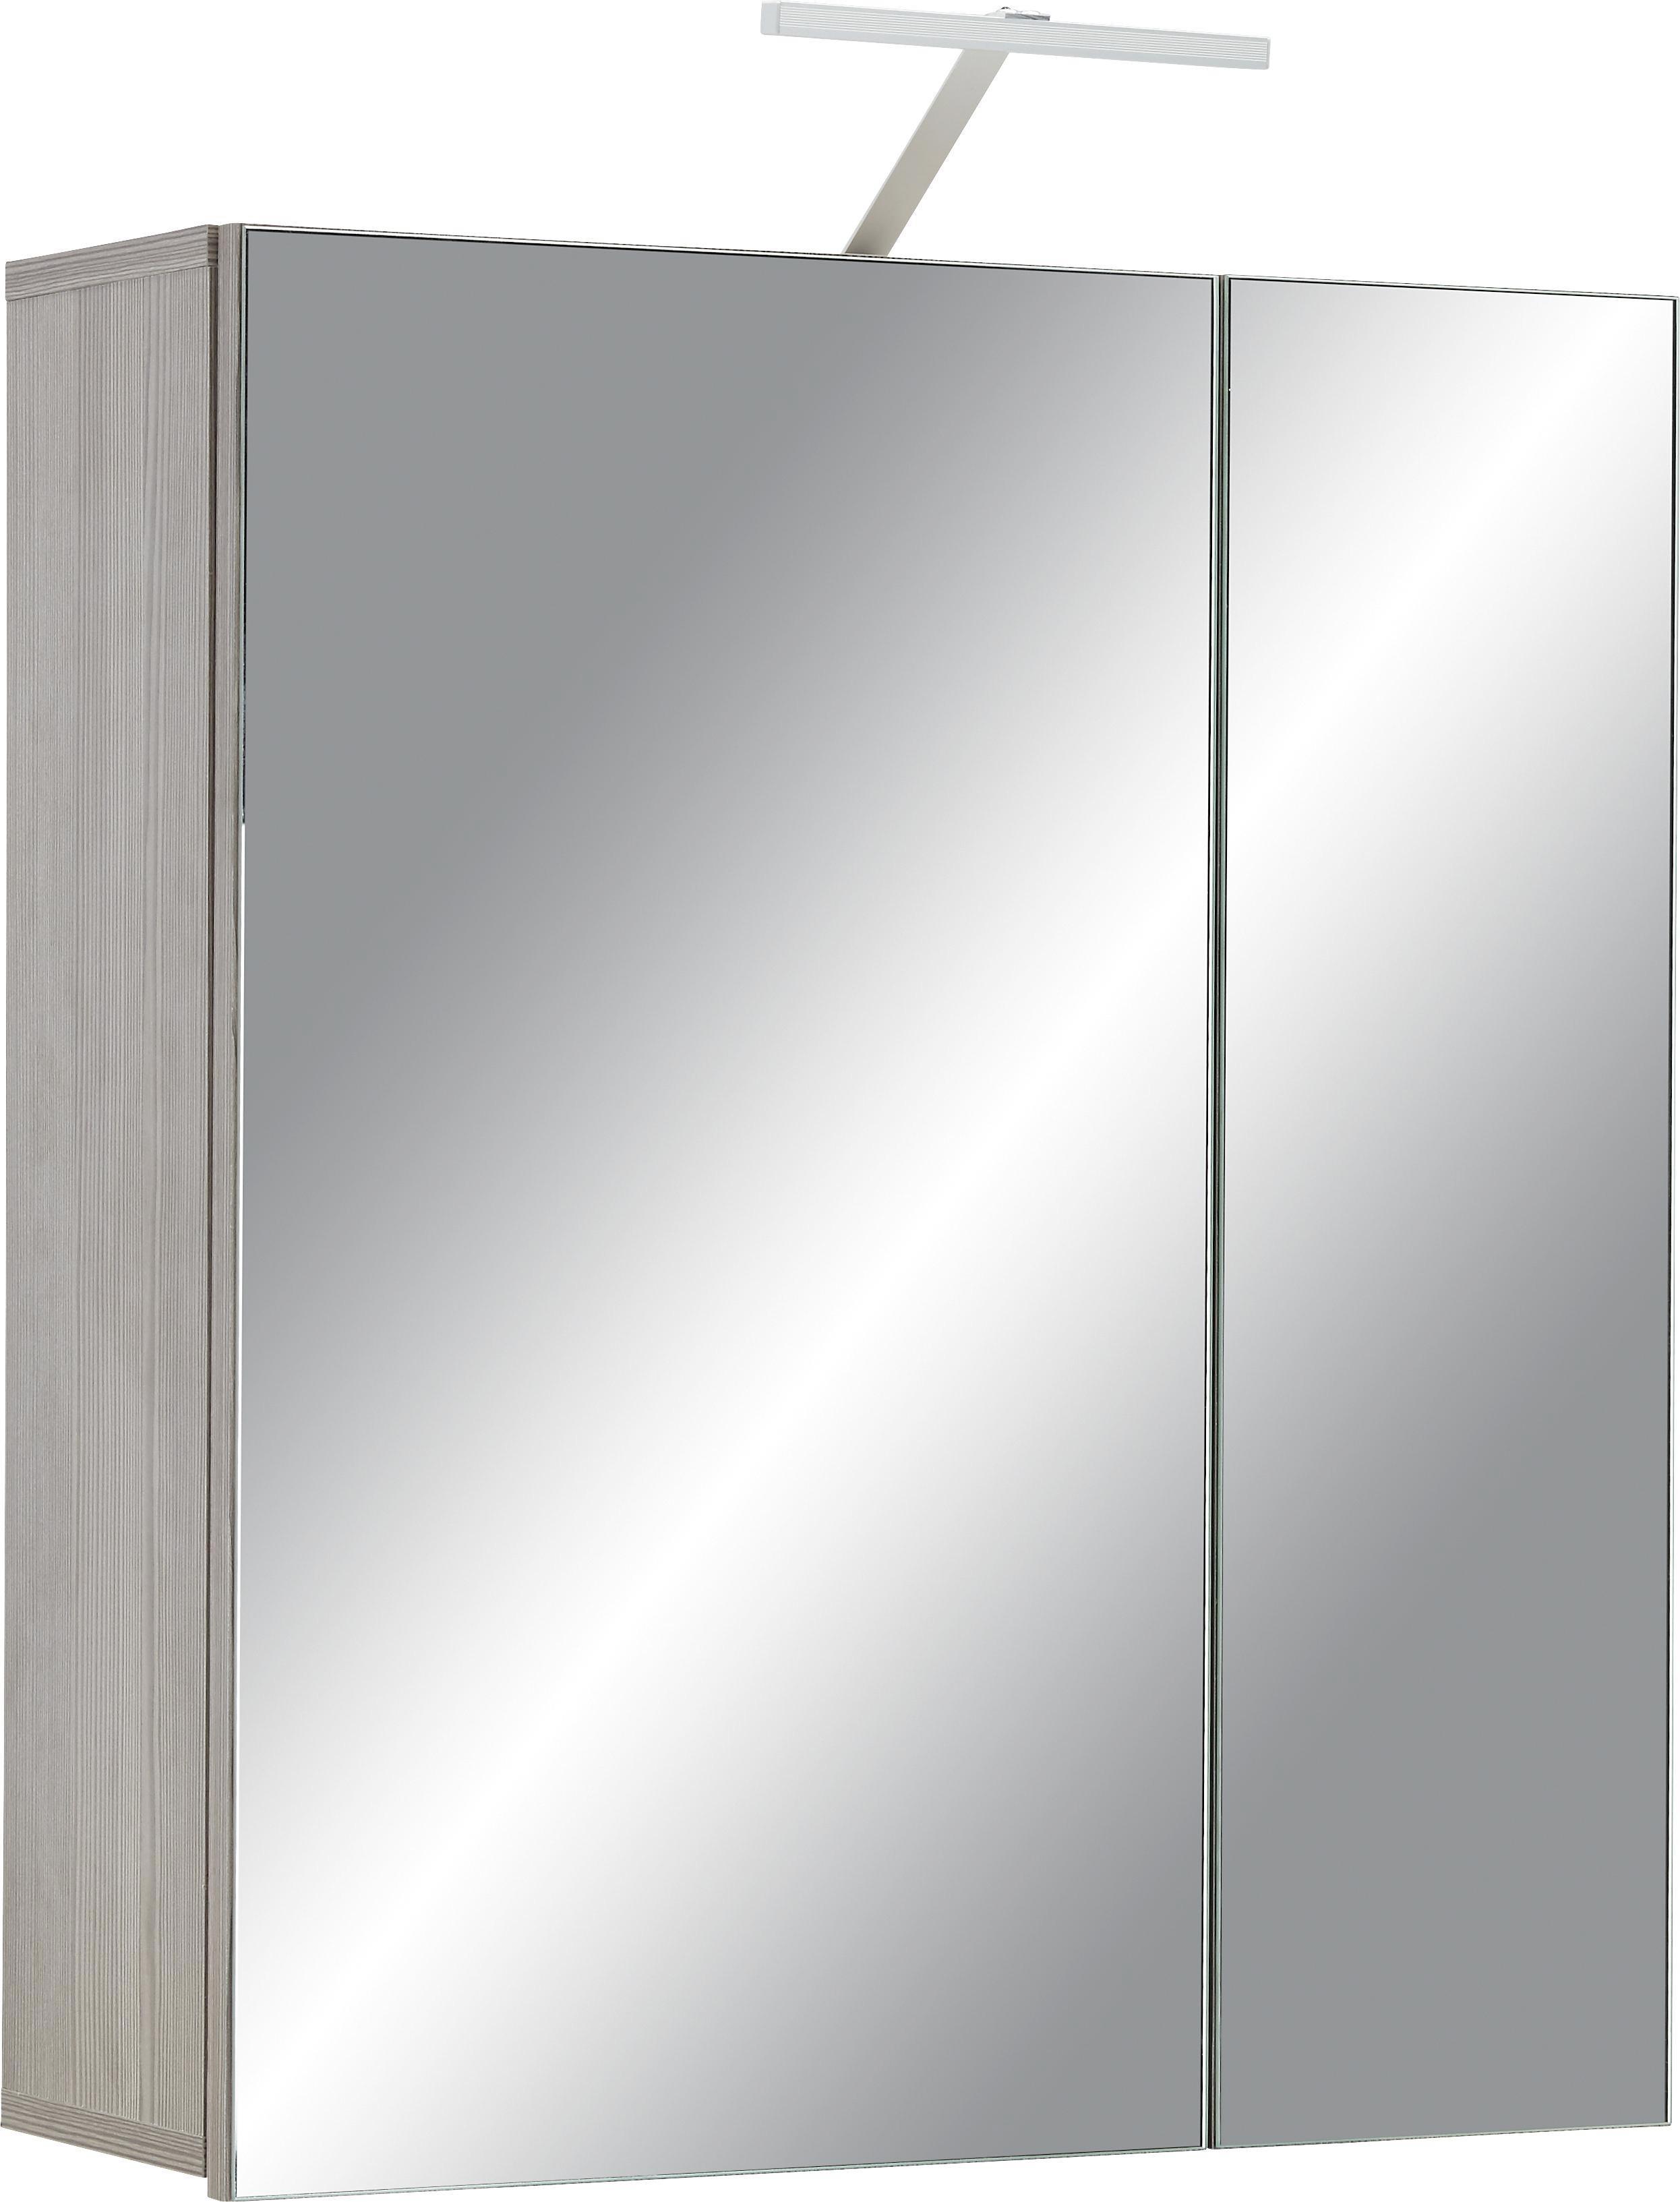 Spiegelschrank in Braun - Dunkelbraun, KONVENTIONELL, Glas/Holzwerkstoff (65/75/22cm) - PREMIUM LIVING